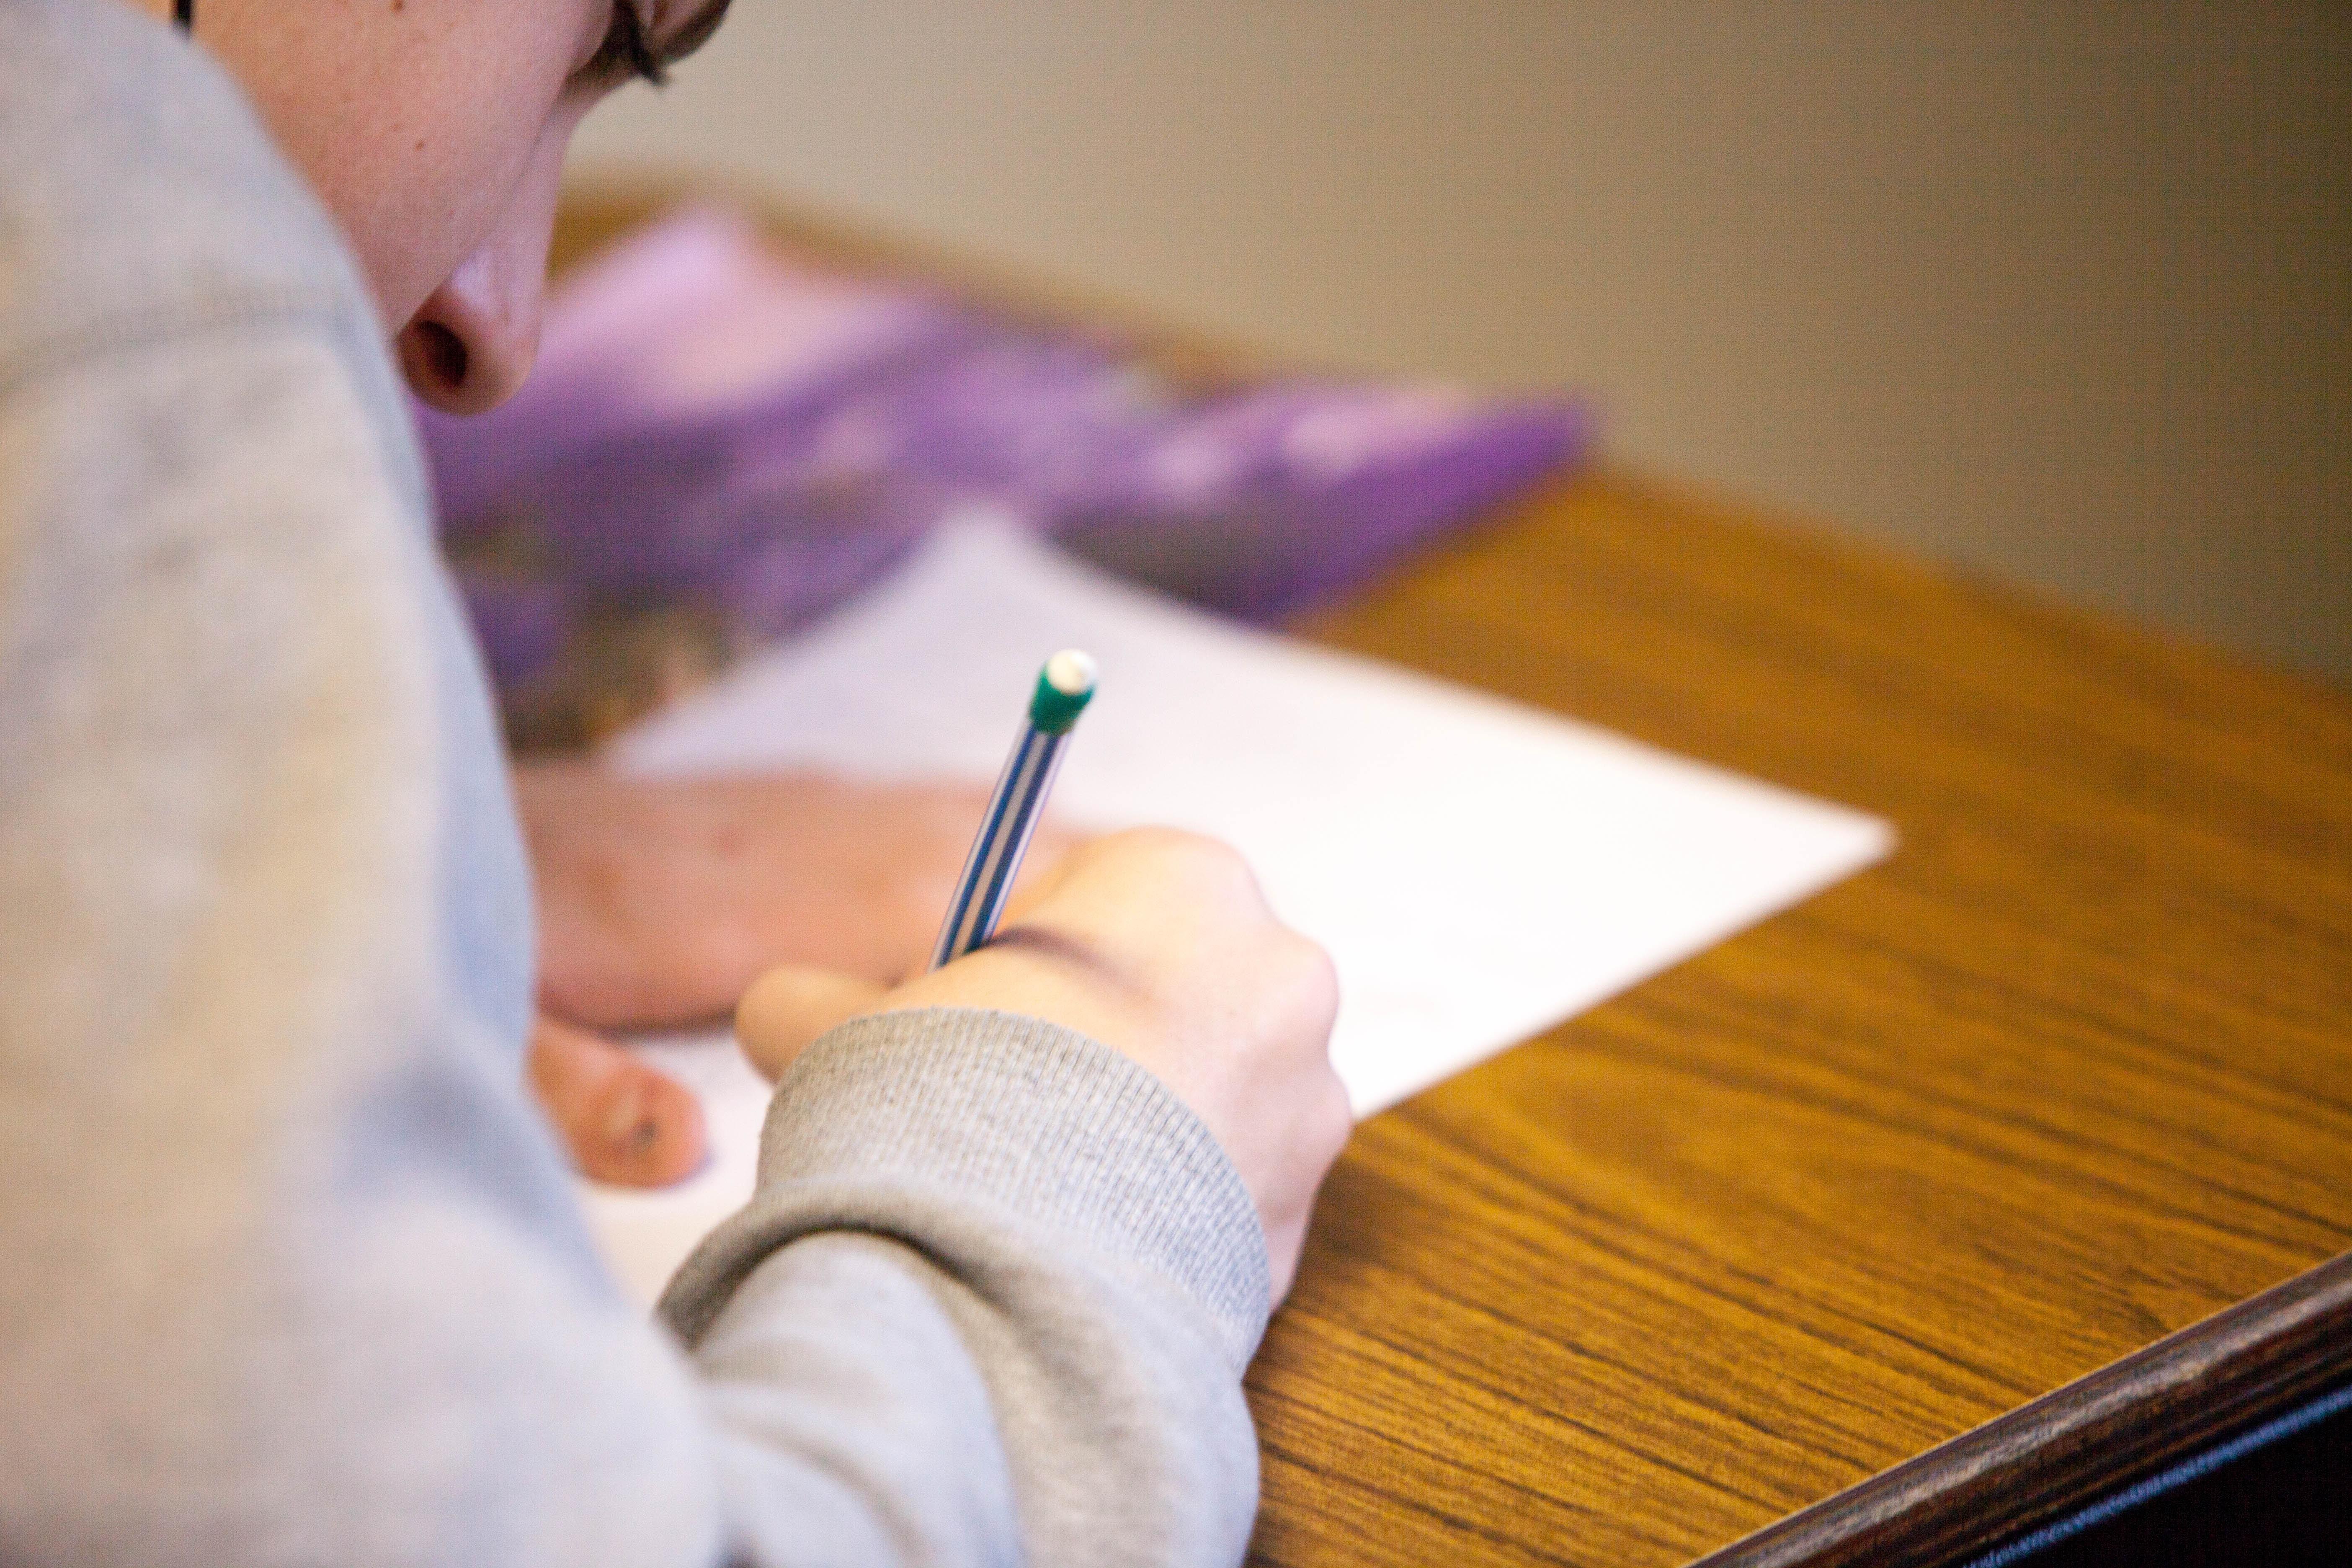 Retaking Ca Bar Exam Tips